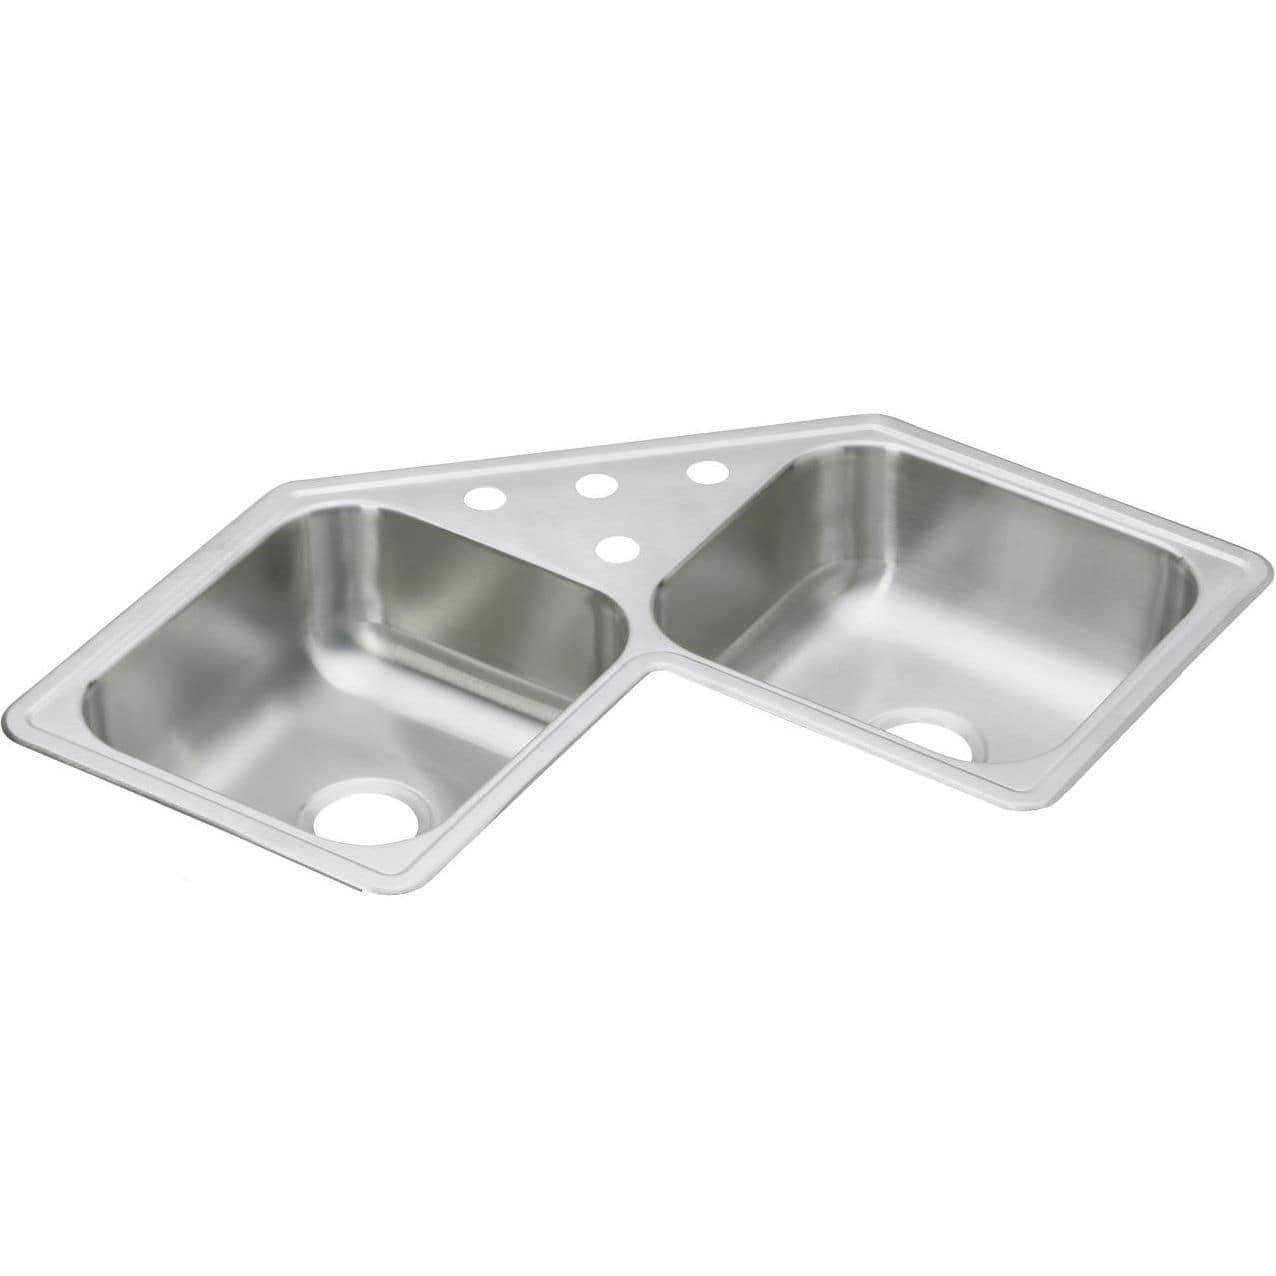 Lavelli Ad Angolo Misure lavello a 2 vasche - de21732 - elkay - in acciaio inox / da